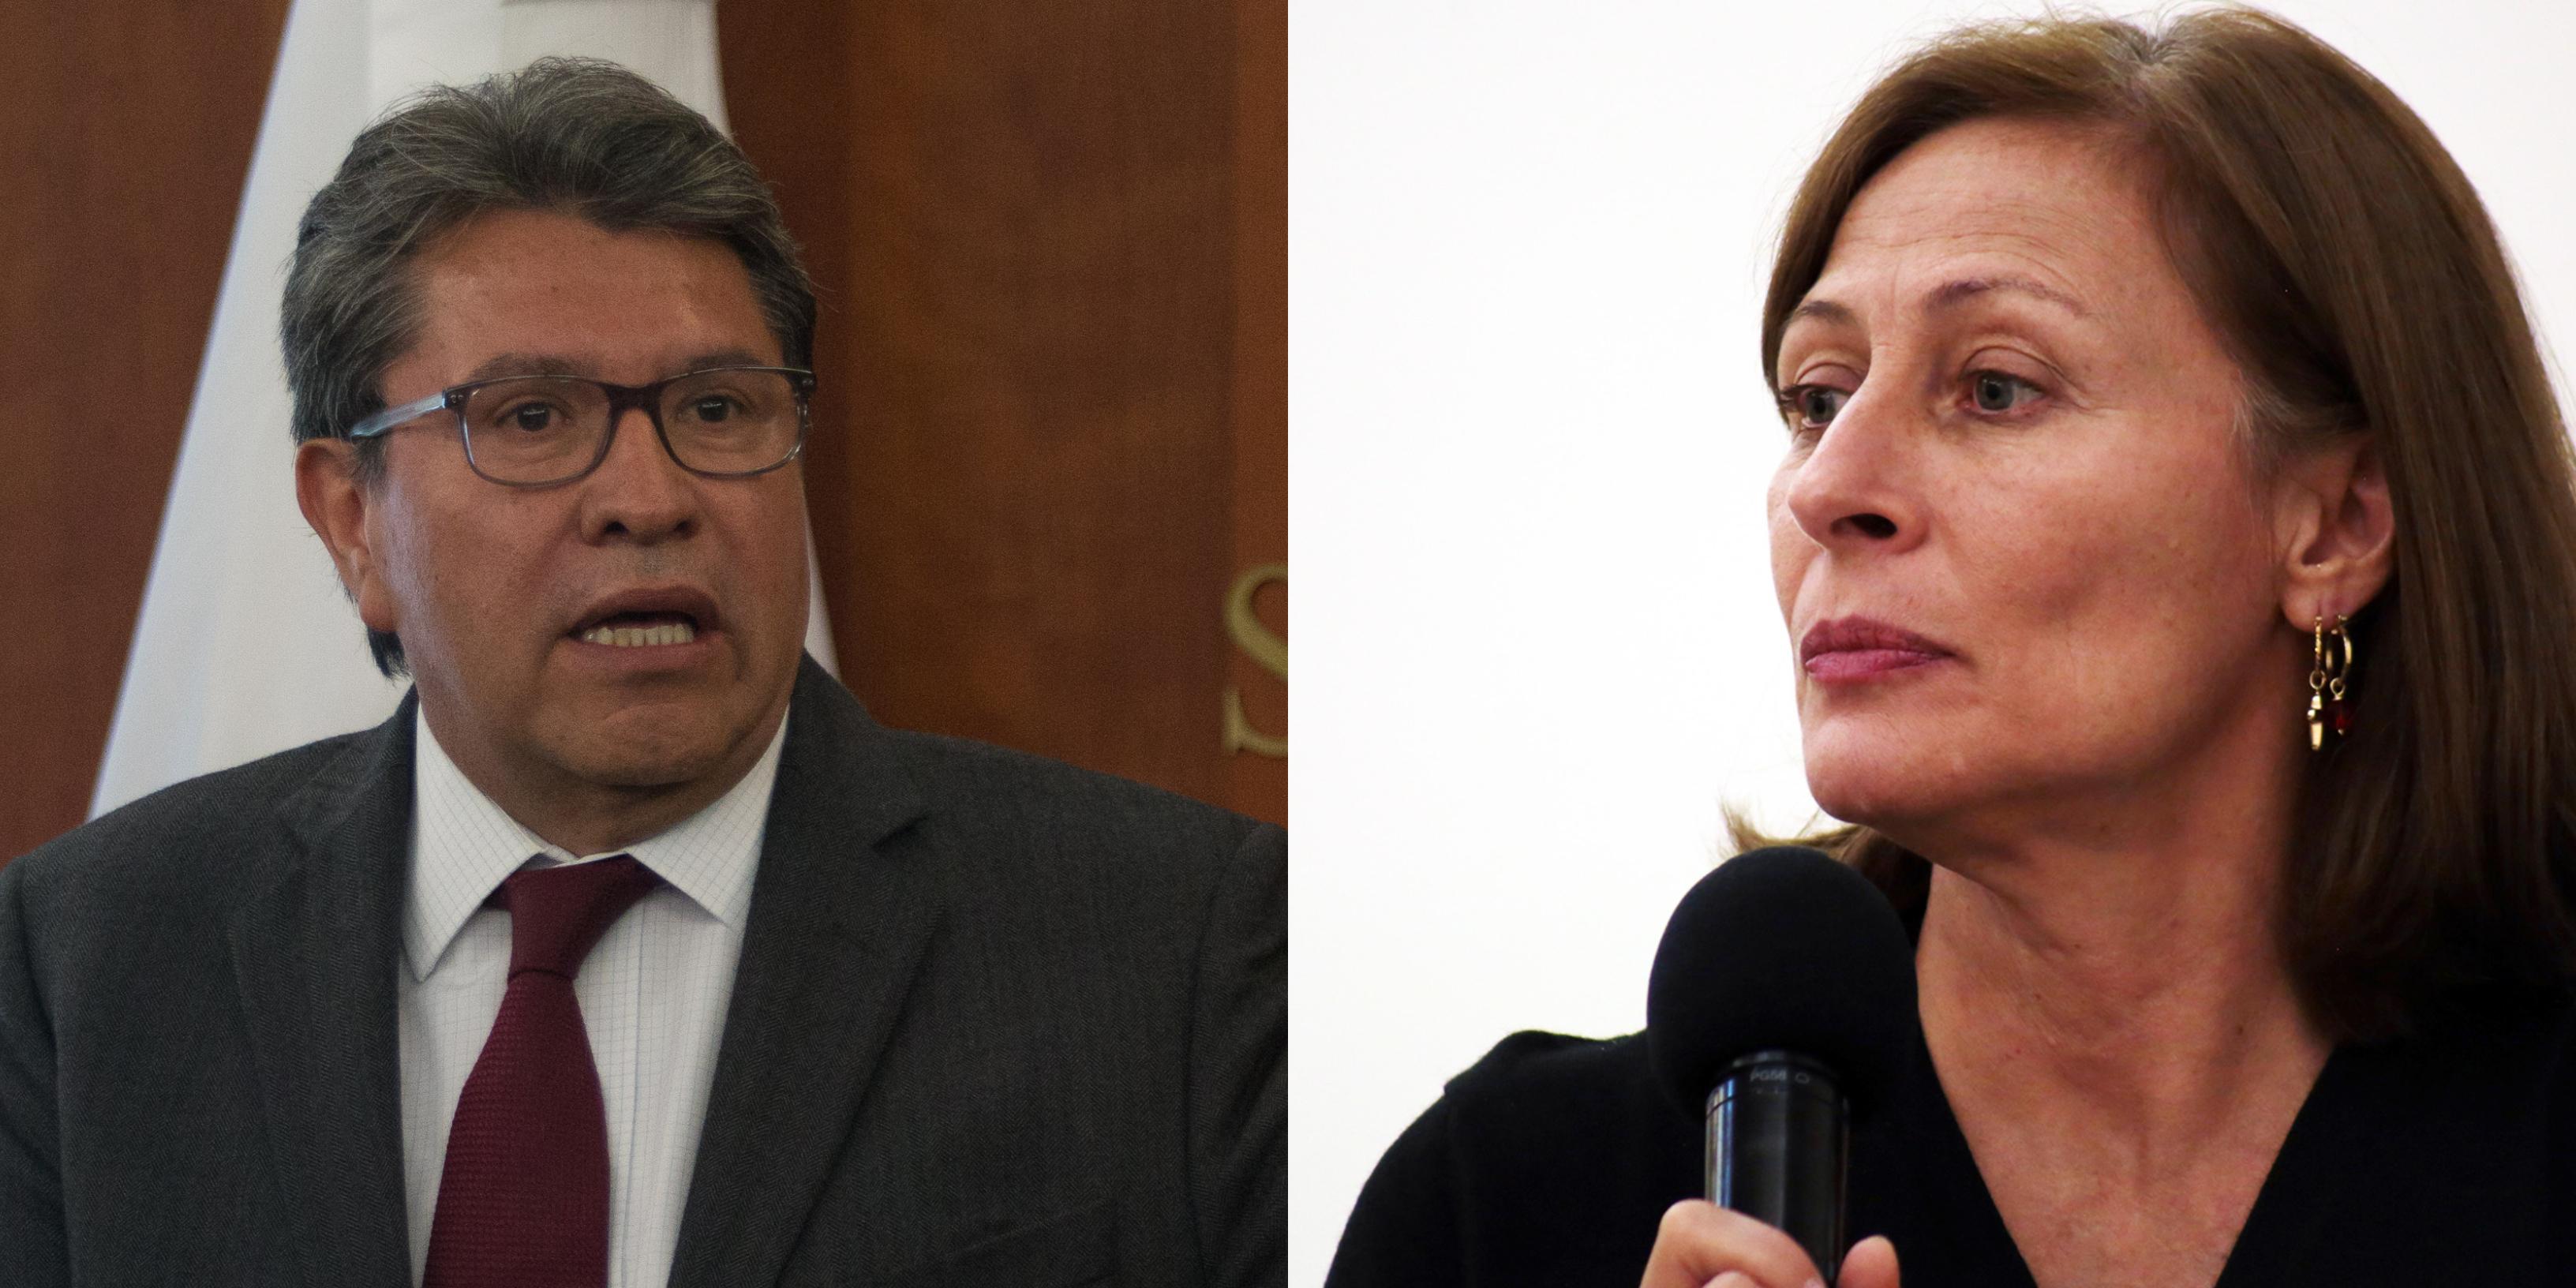 Las críticas contra la propuesta de Morena provinieron sobre todo del interior del partido, llamativamente (Foto: Cuartoscuro)